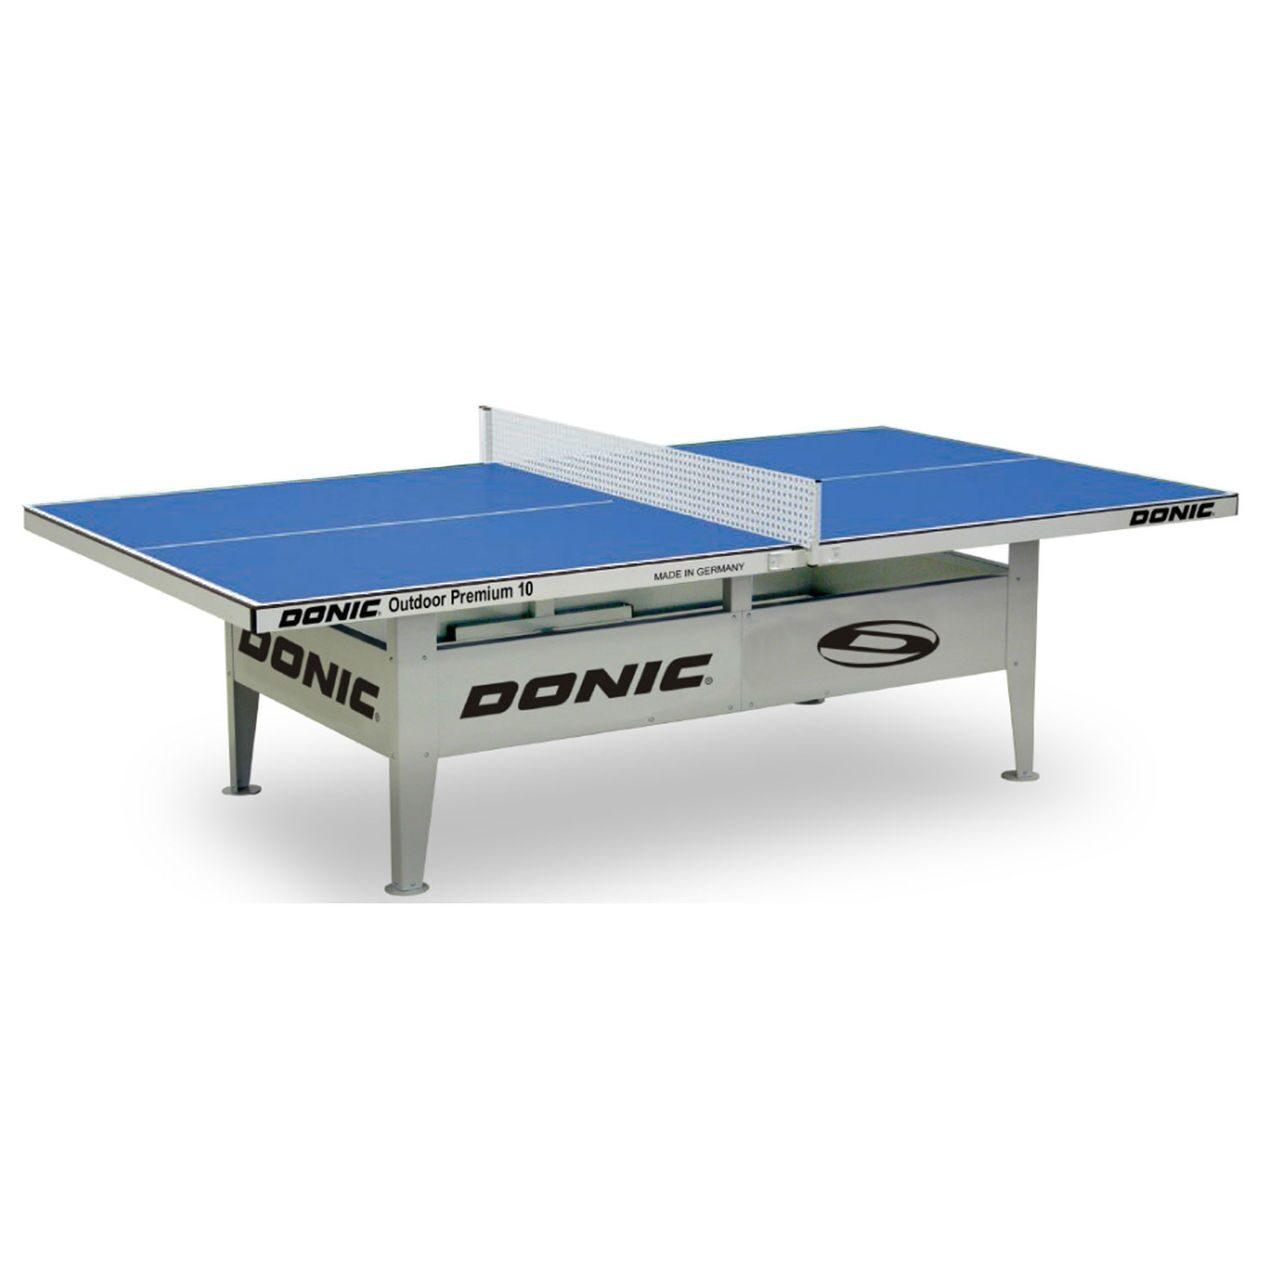 Всепогодный теннисный стол Donic Outdoor Premium 10 синий 230236-B